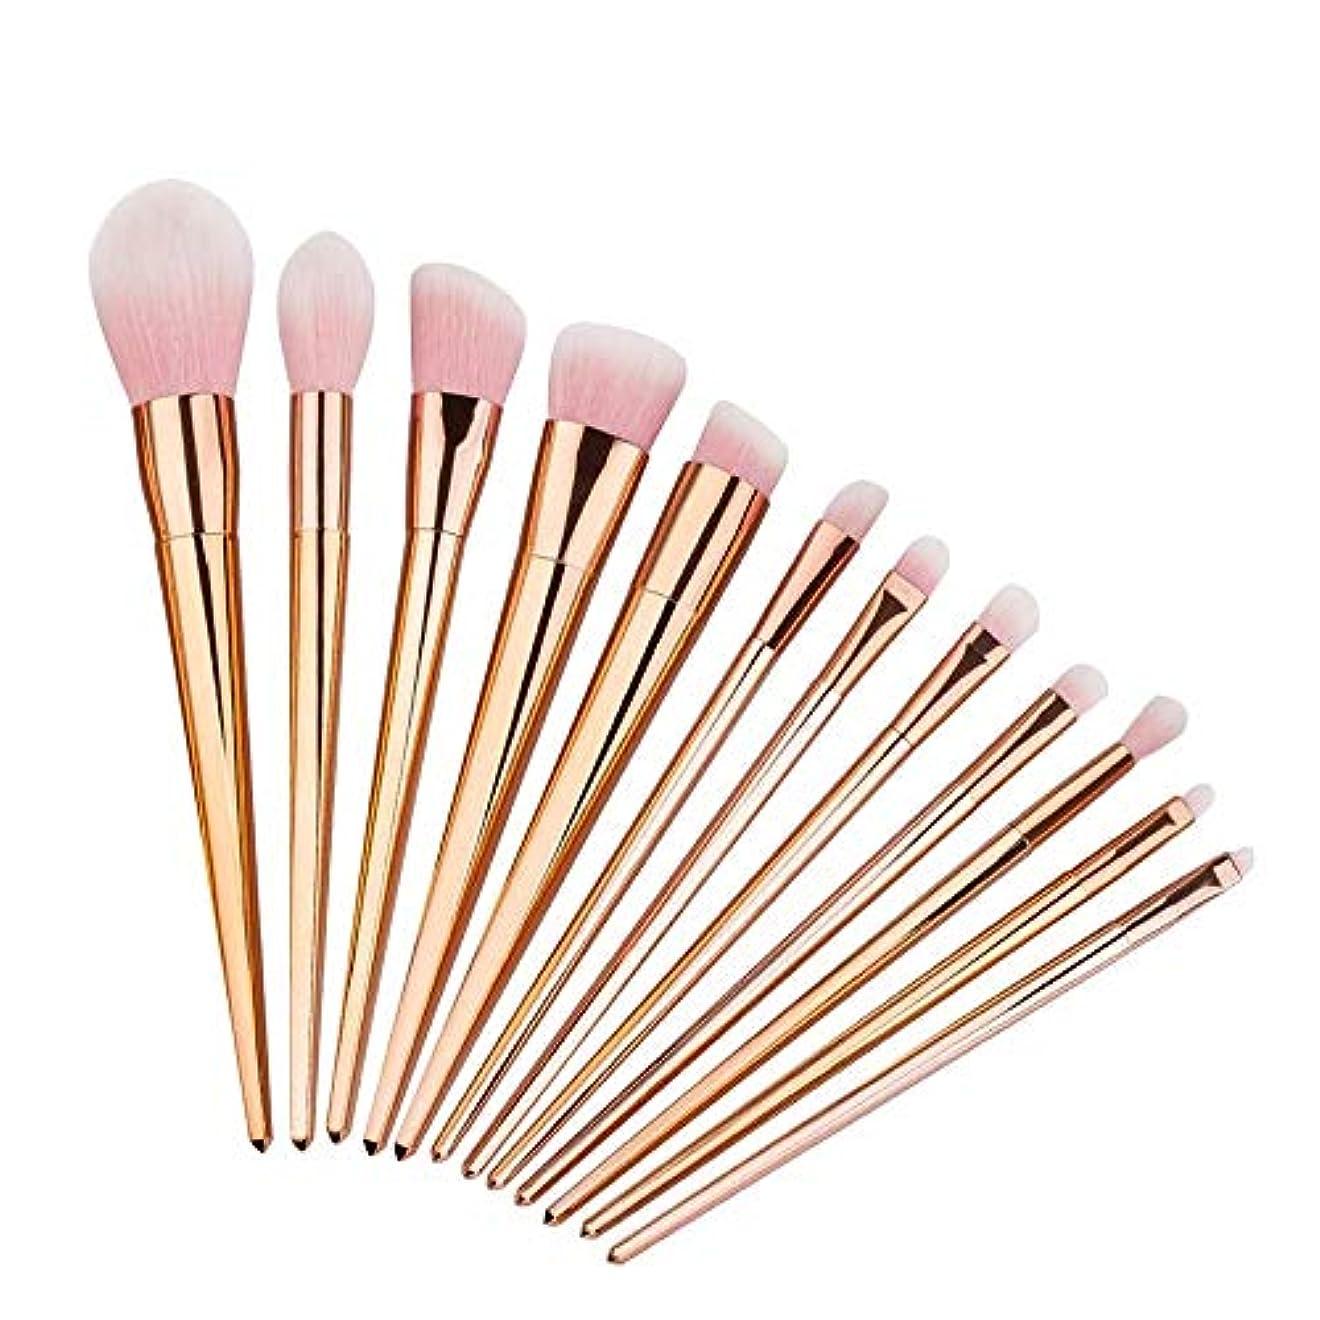 間接的落胆する境界プロフェッショナル メイクブラシ 化粧筆 シリーズ 化粧ブラシセット 高級タクロン 超柔らかい 可愛い リップブラシツール 12本セット